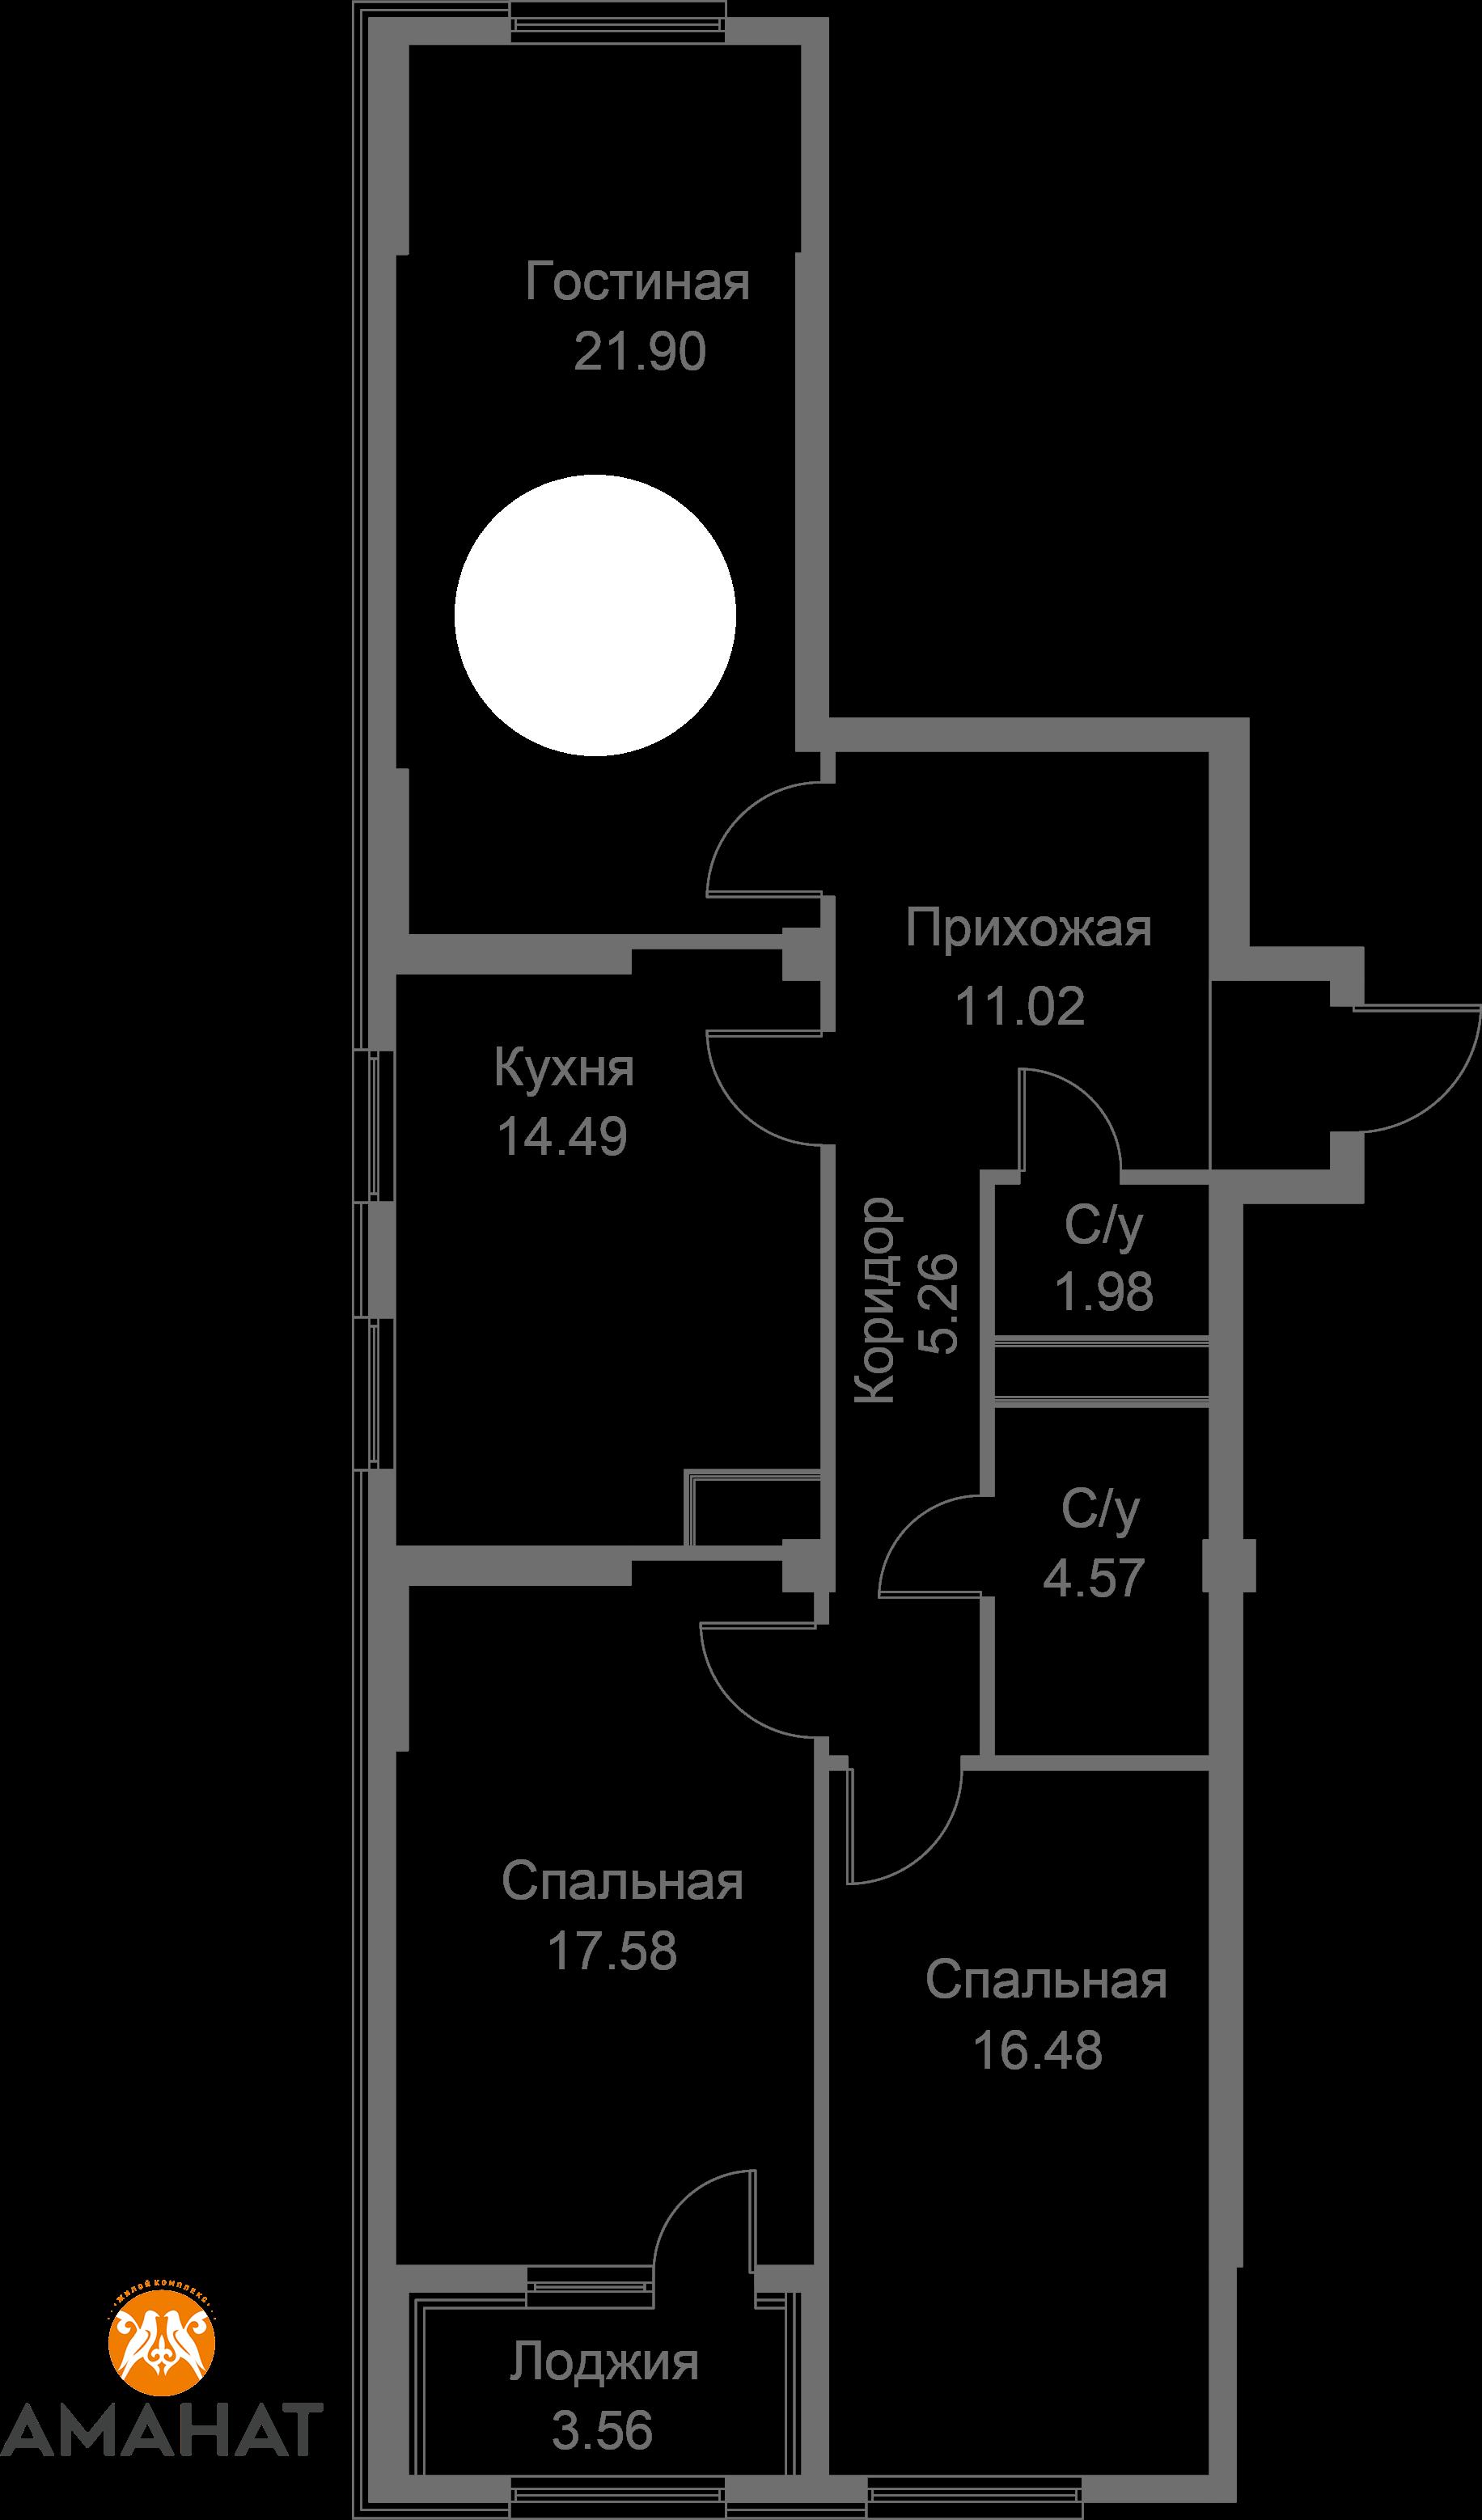 Квартира 40